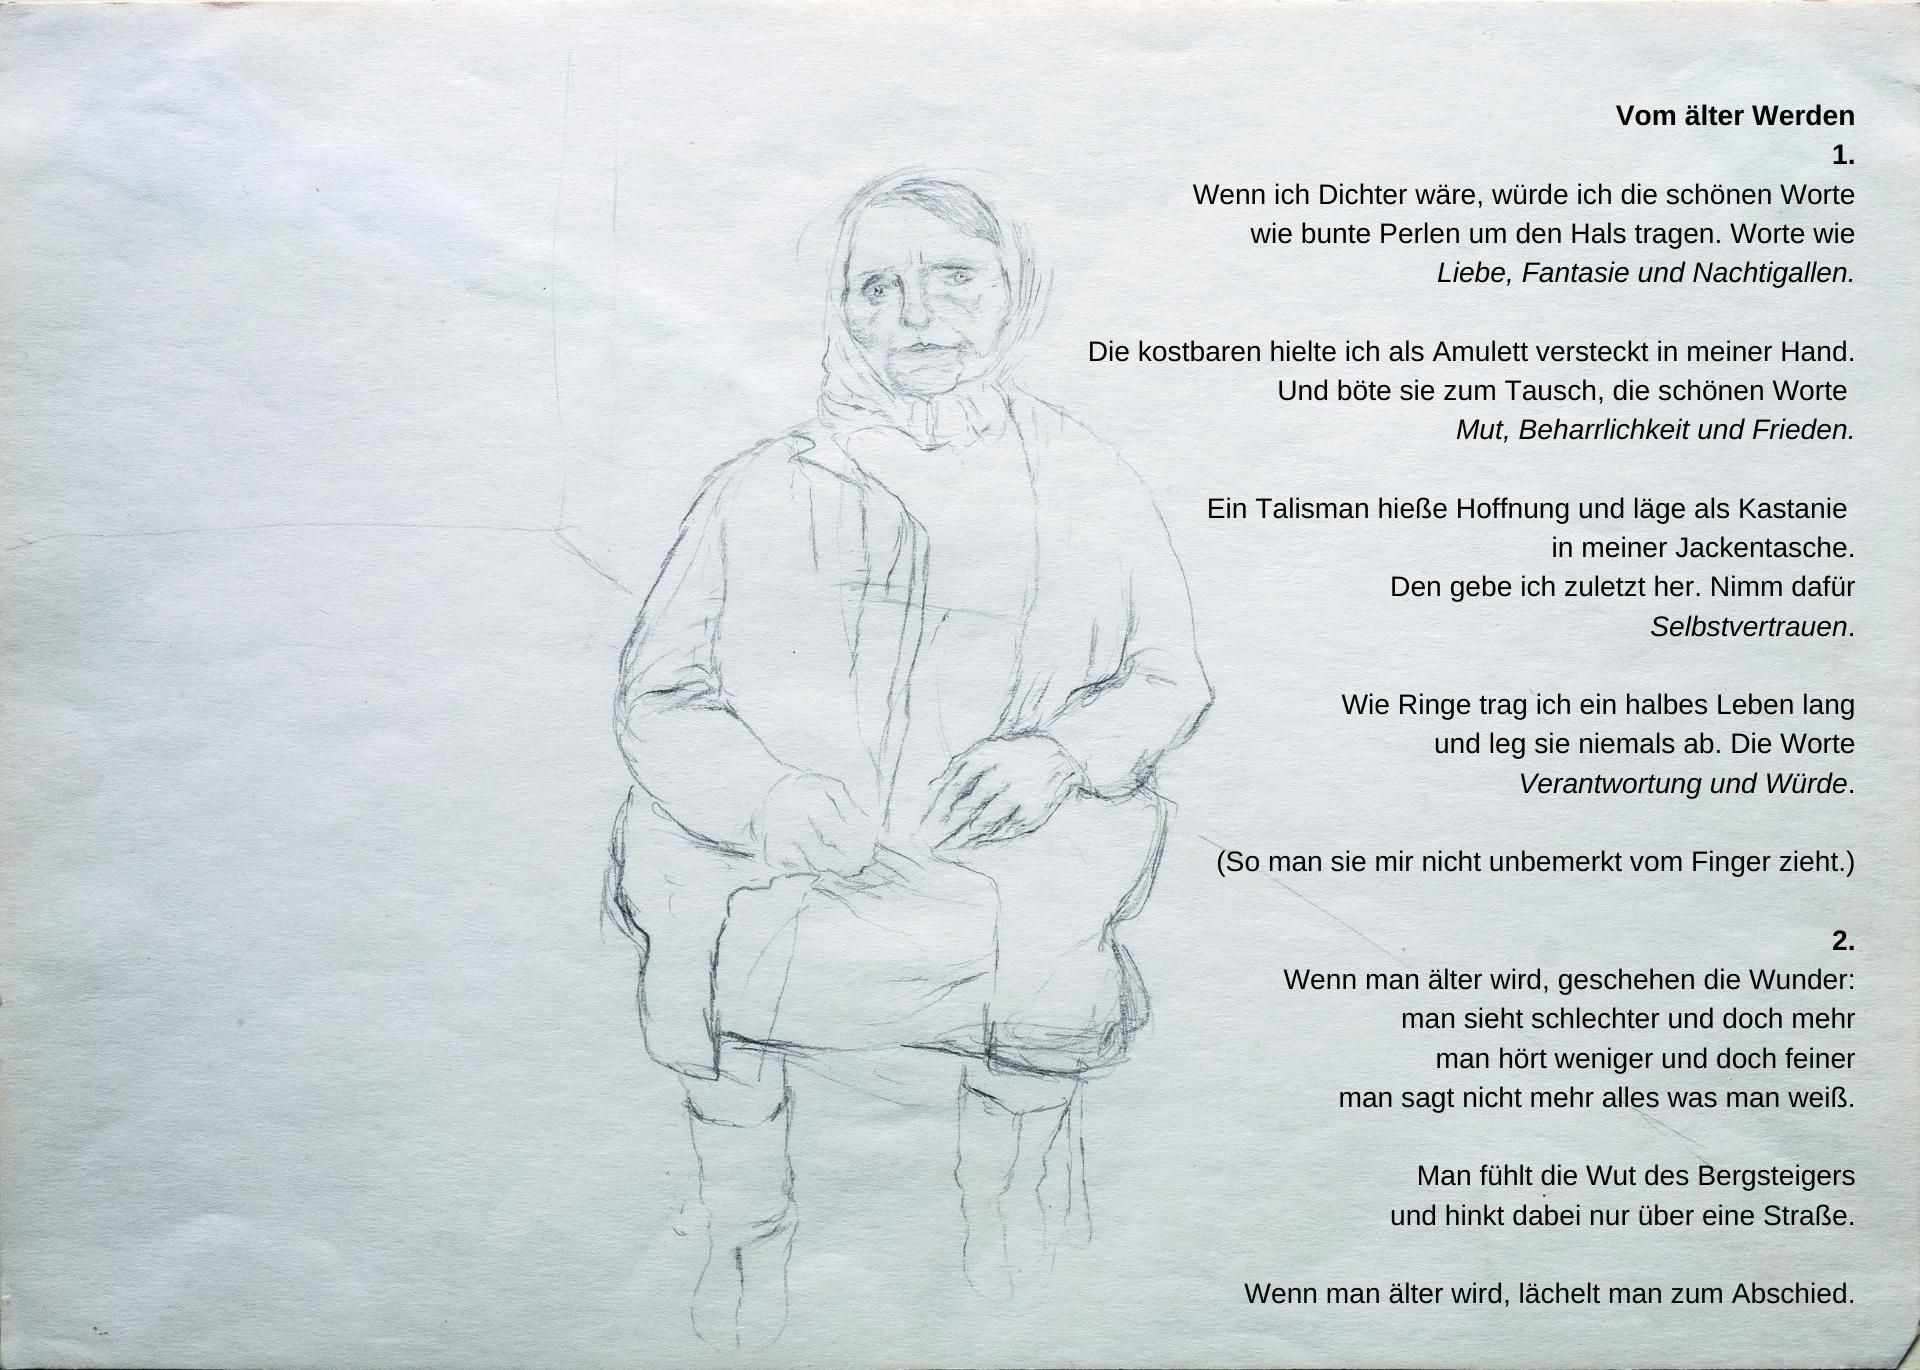 »VOM ÄLTER WERDEN«, Bleistift auf Papier, 1981; Gedicht, 1981/2020